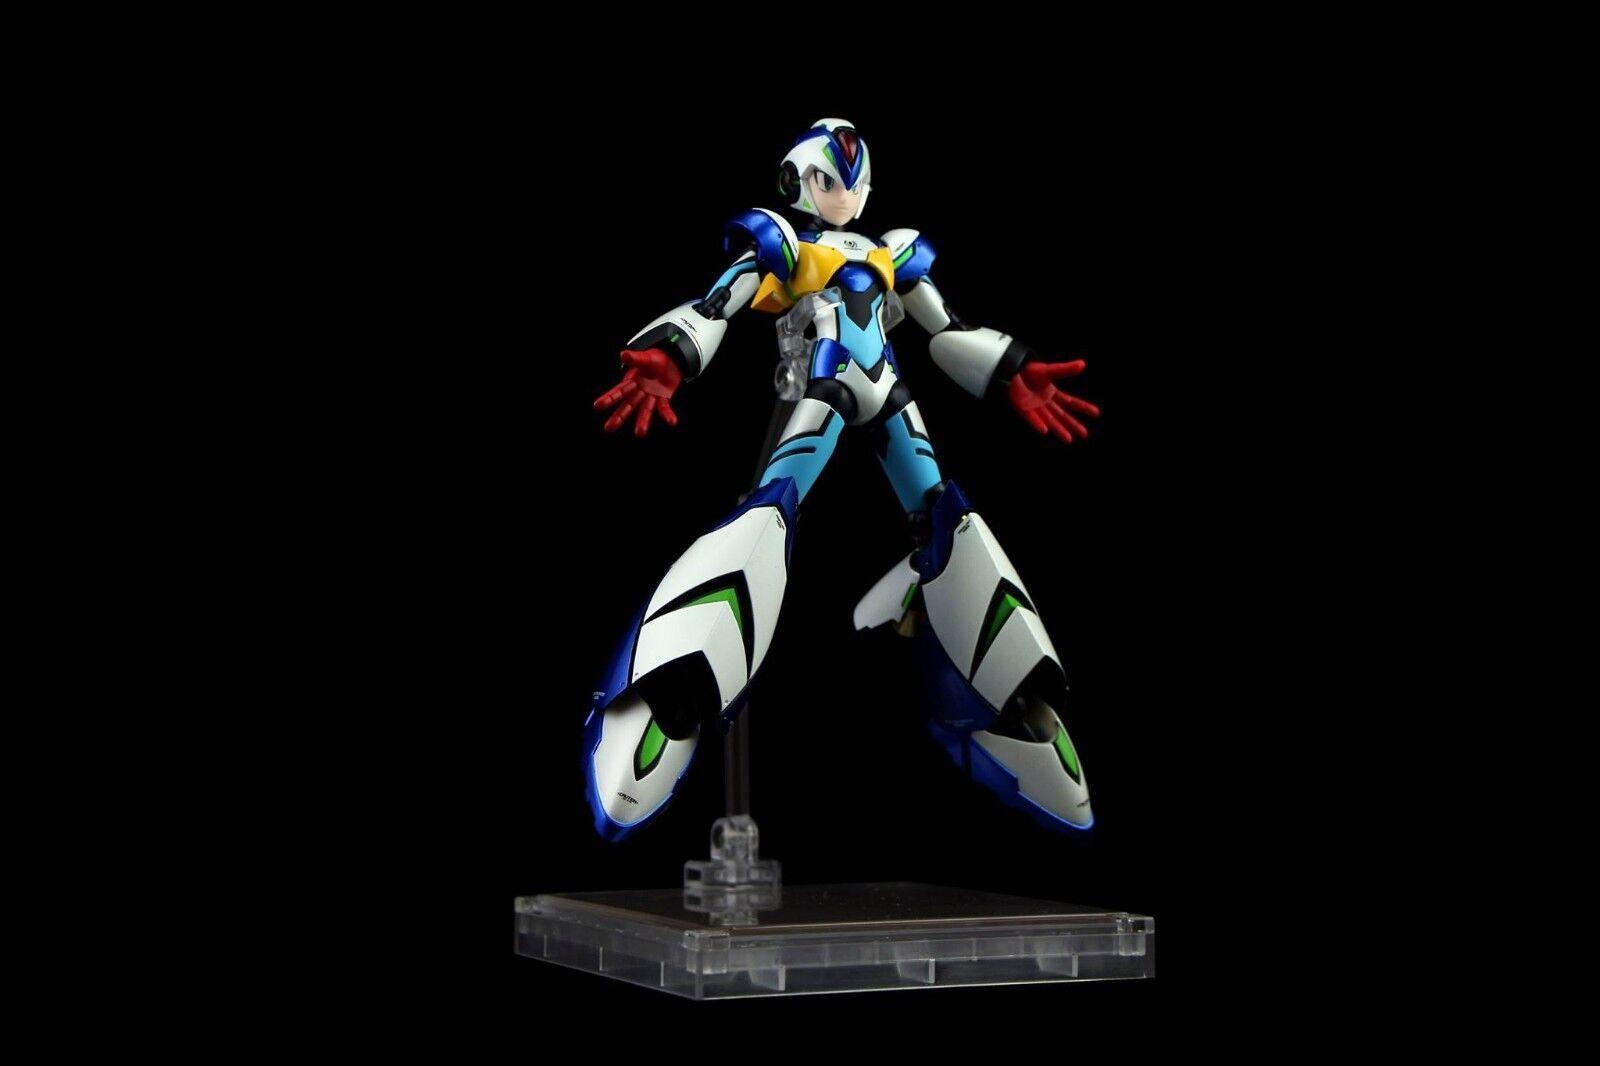 TruForce Mega Man X-Boost SDCC 2016 Exclusive